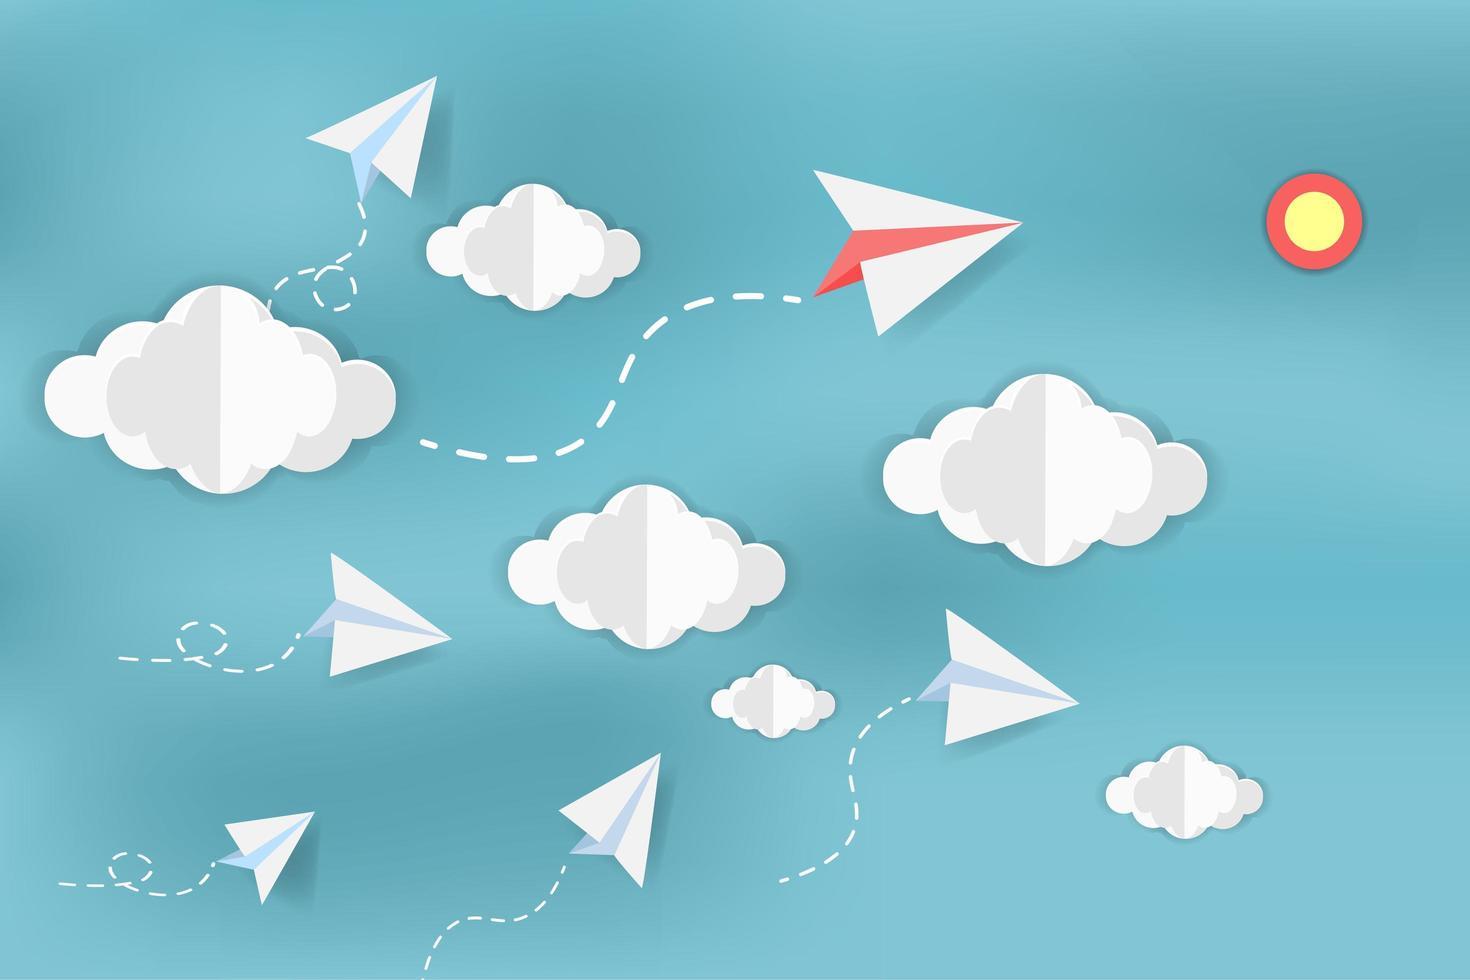 pappersflygplan på himlen med moln vektor